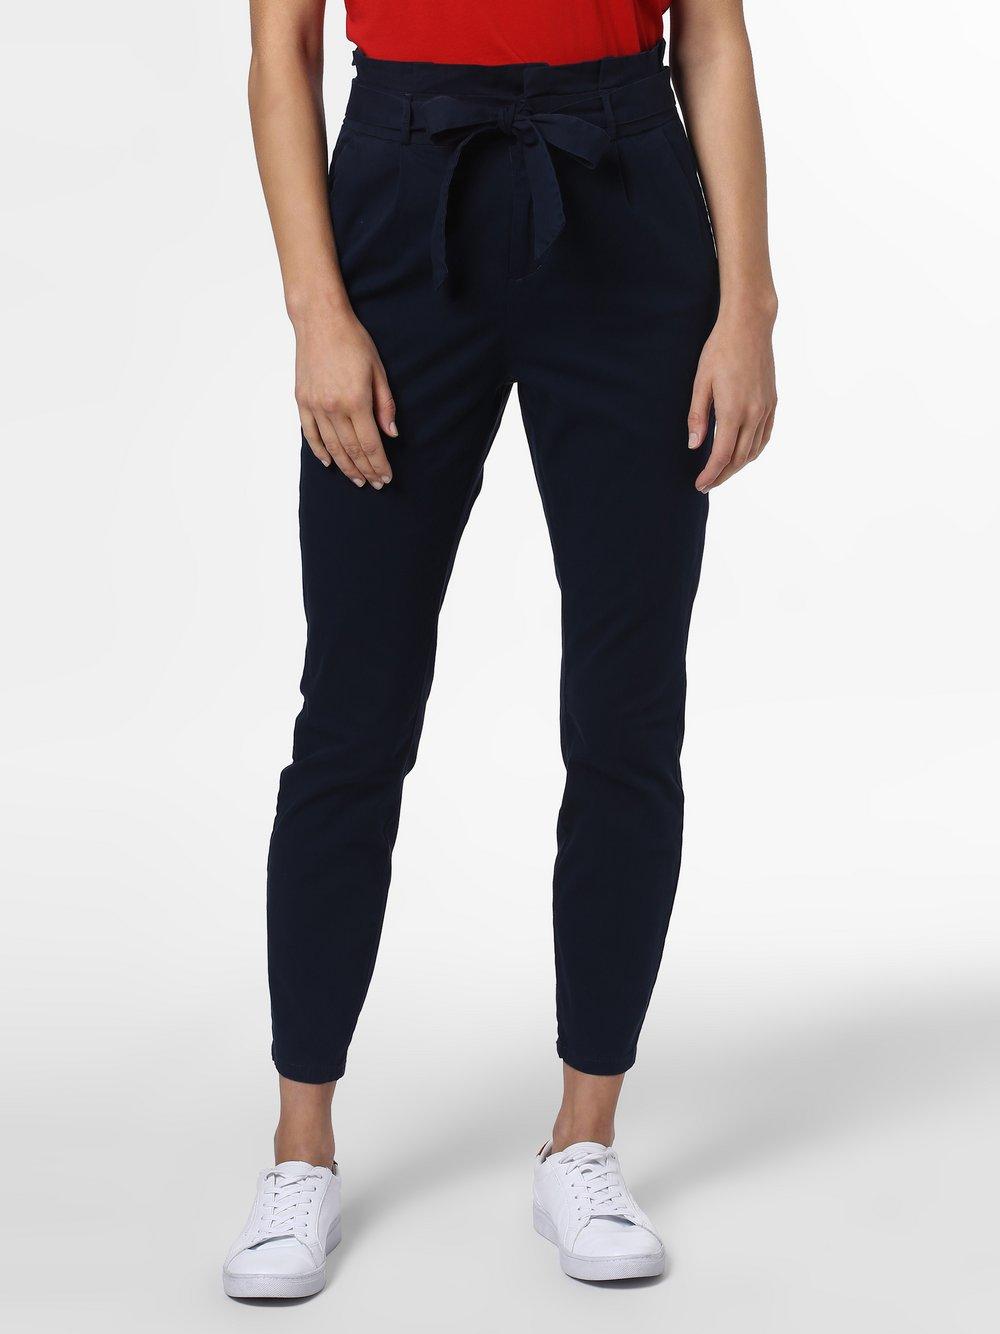 Vero Moda - Spodnie damskie – Vmeva, niebieski